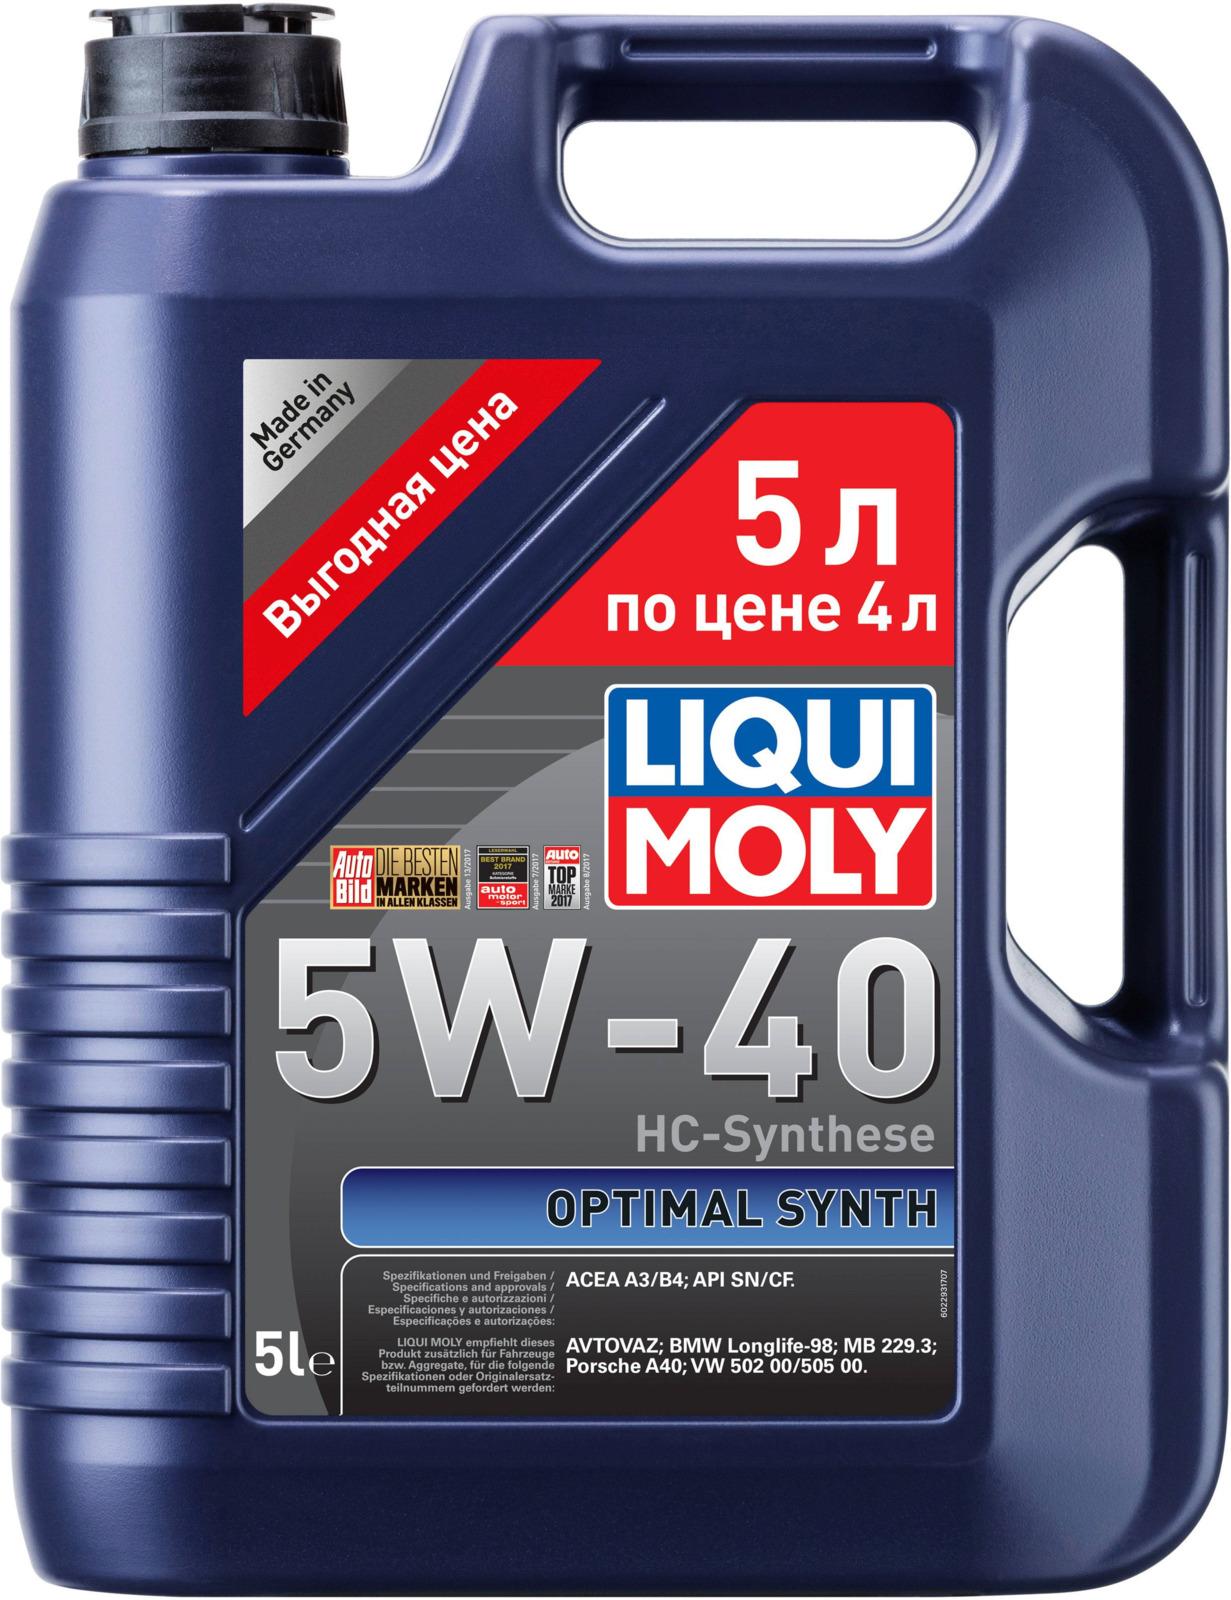 цена на Моторное масло Liqui Moly Optimal Synth, НС-синтетическое, 2293, 5 л